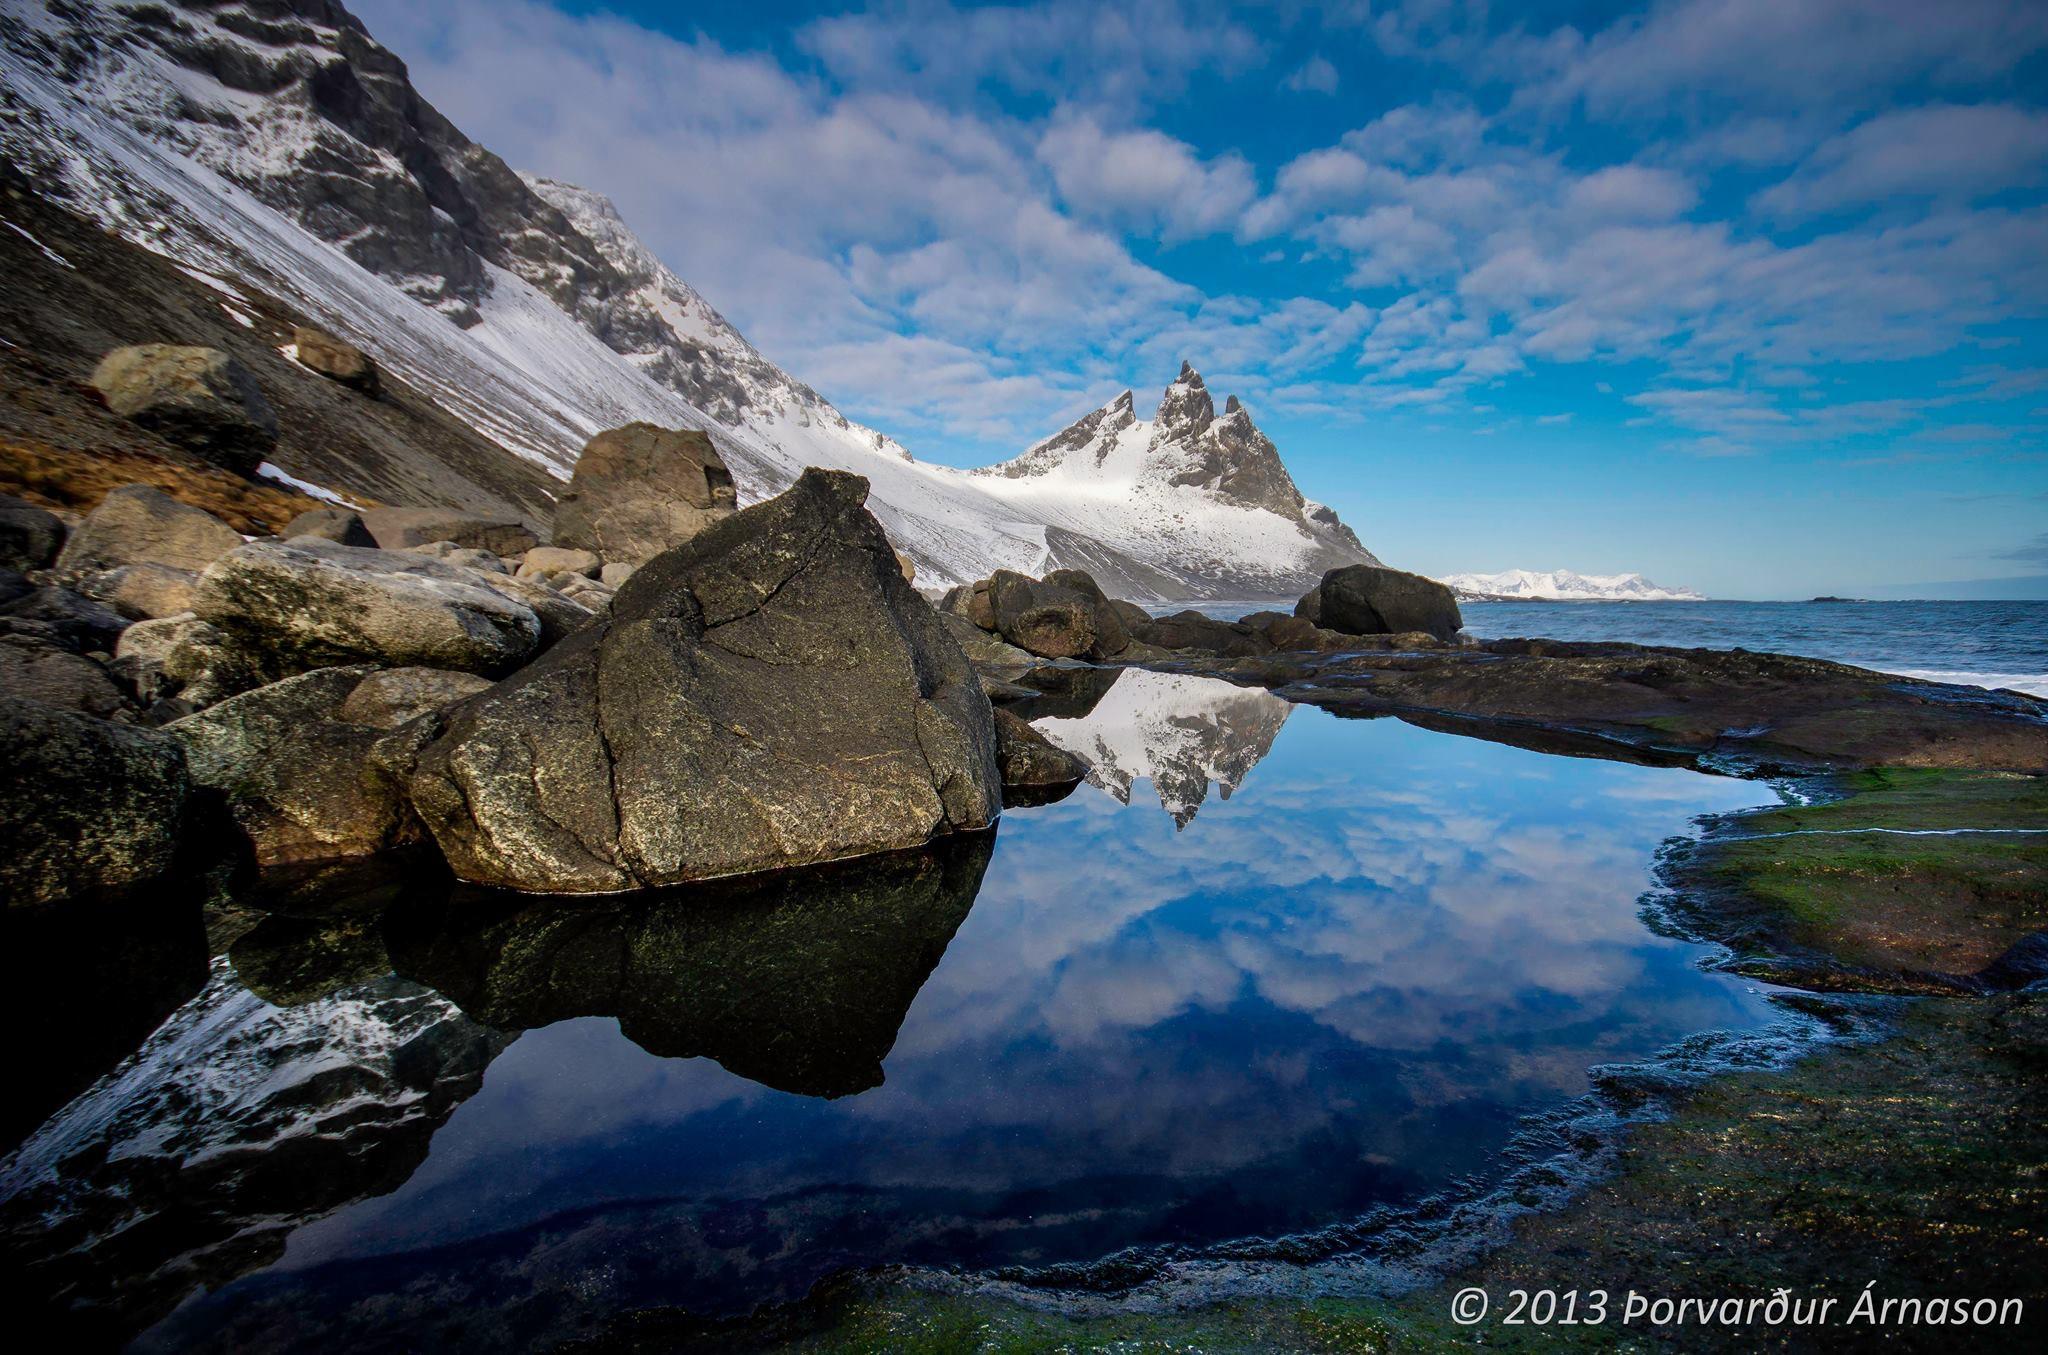 Brunnhorn mountain by Thorri